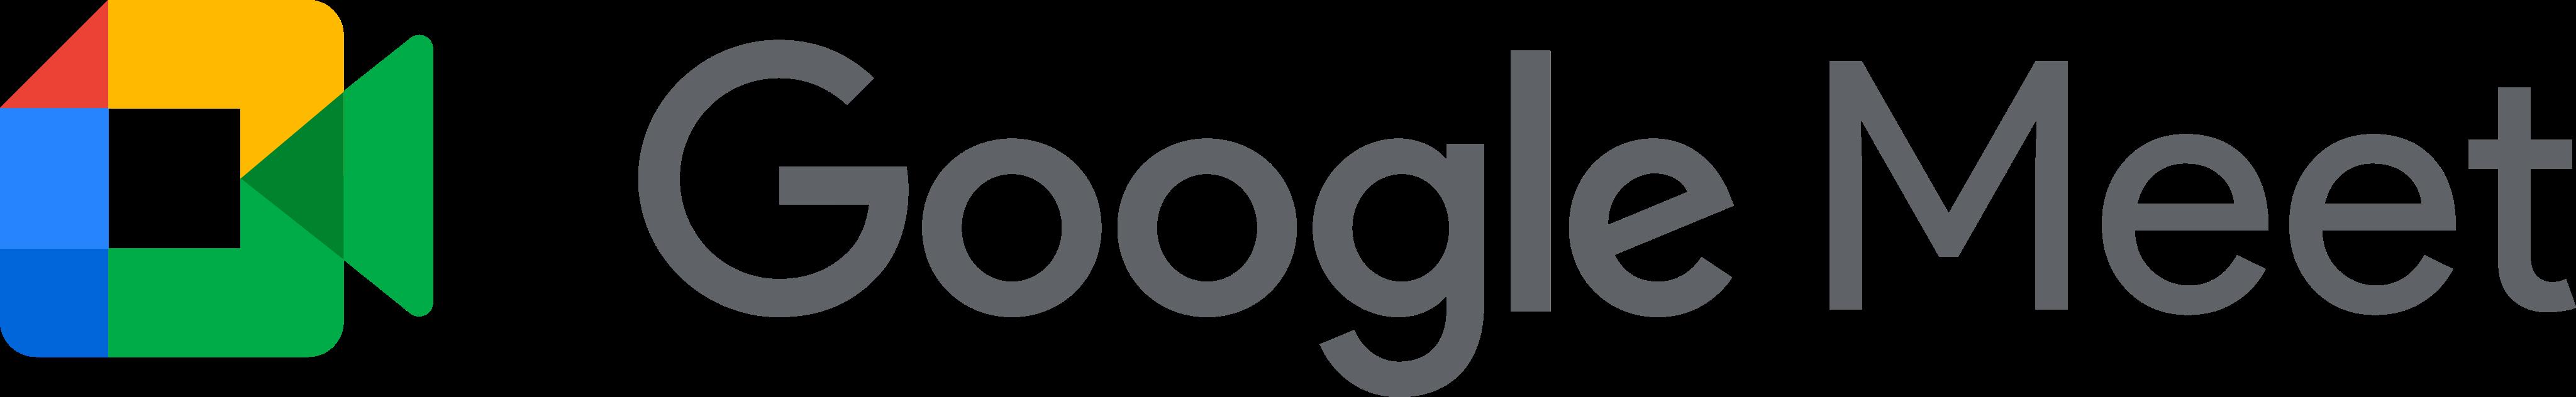 google meet logo - Google Meet Logo